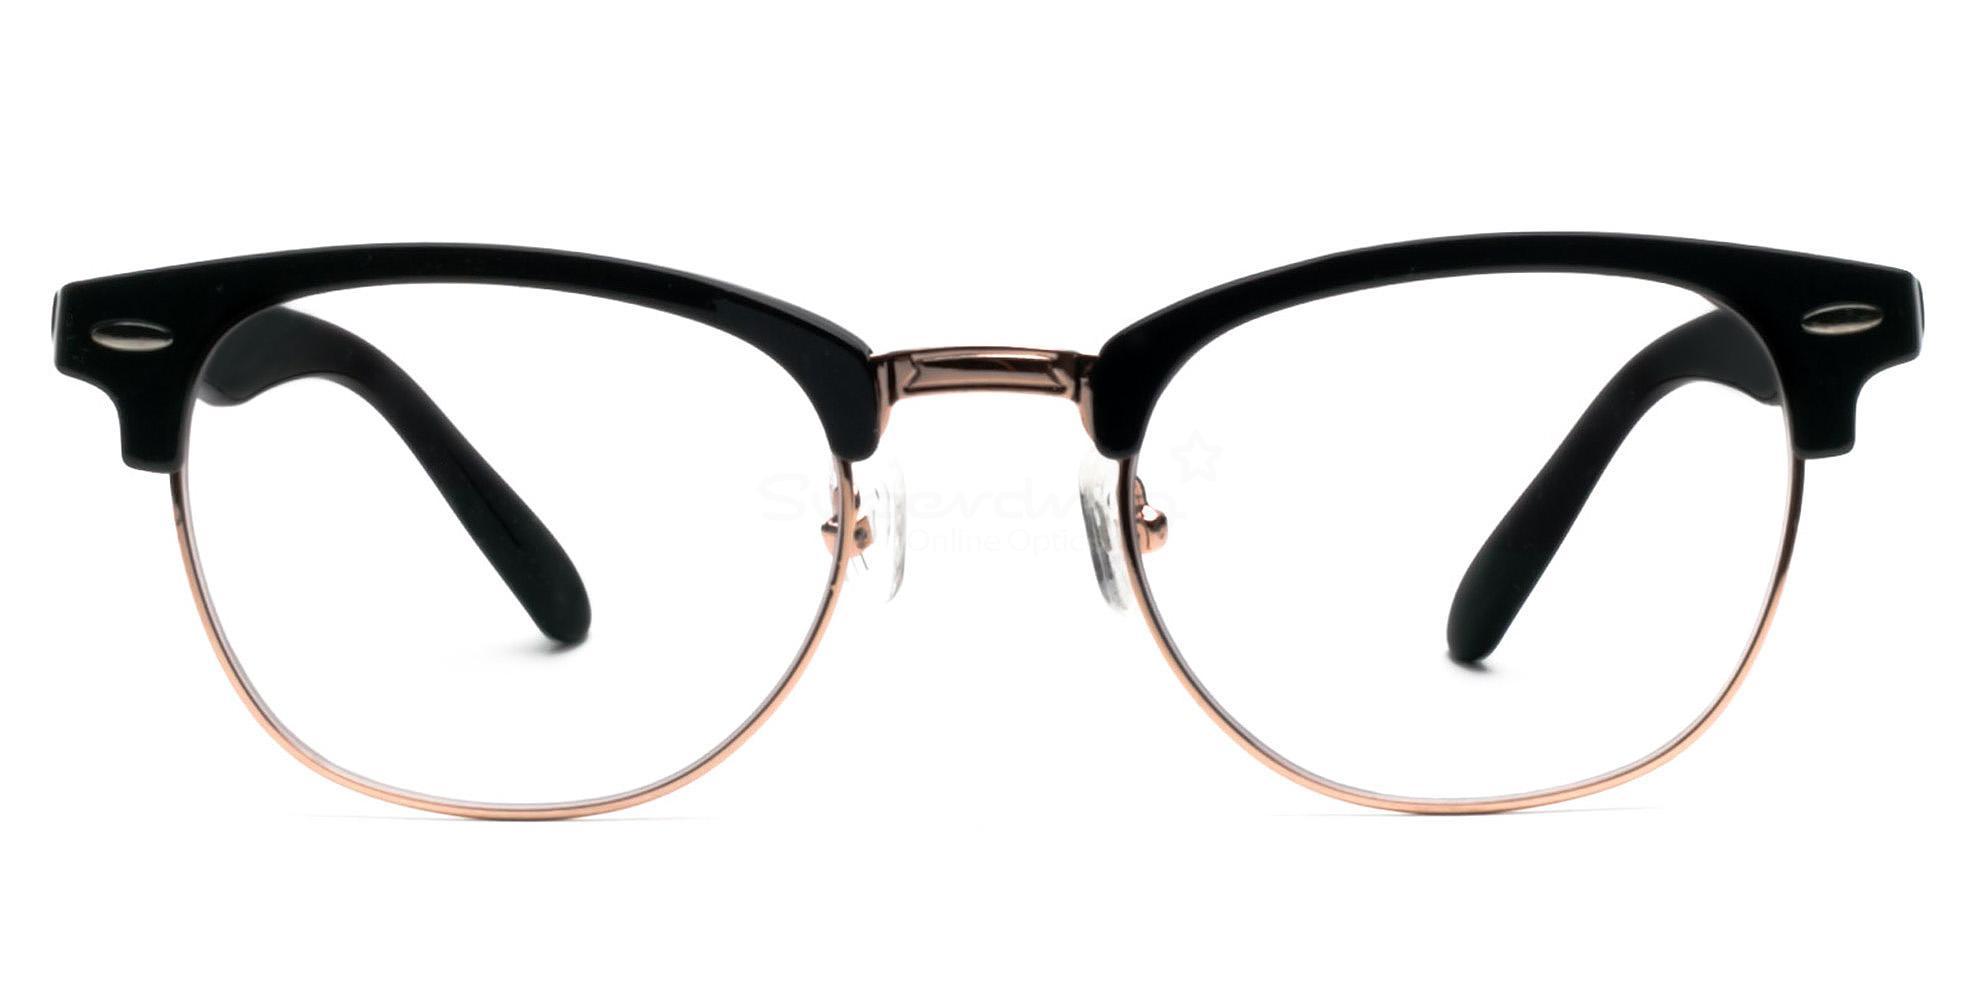 COL1 F3026 Glasses, Immense